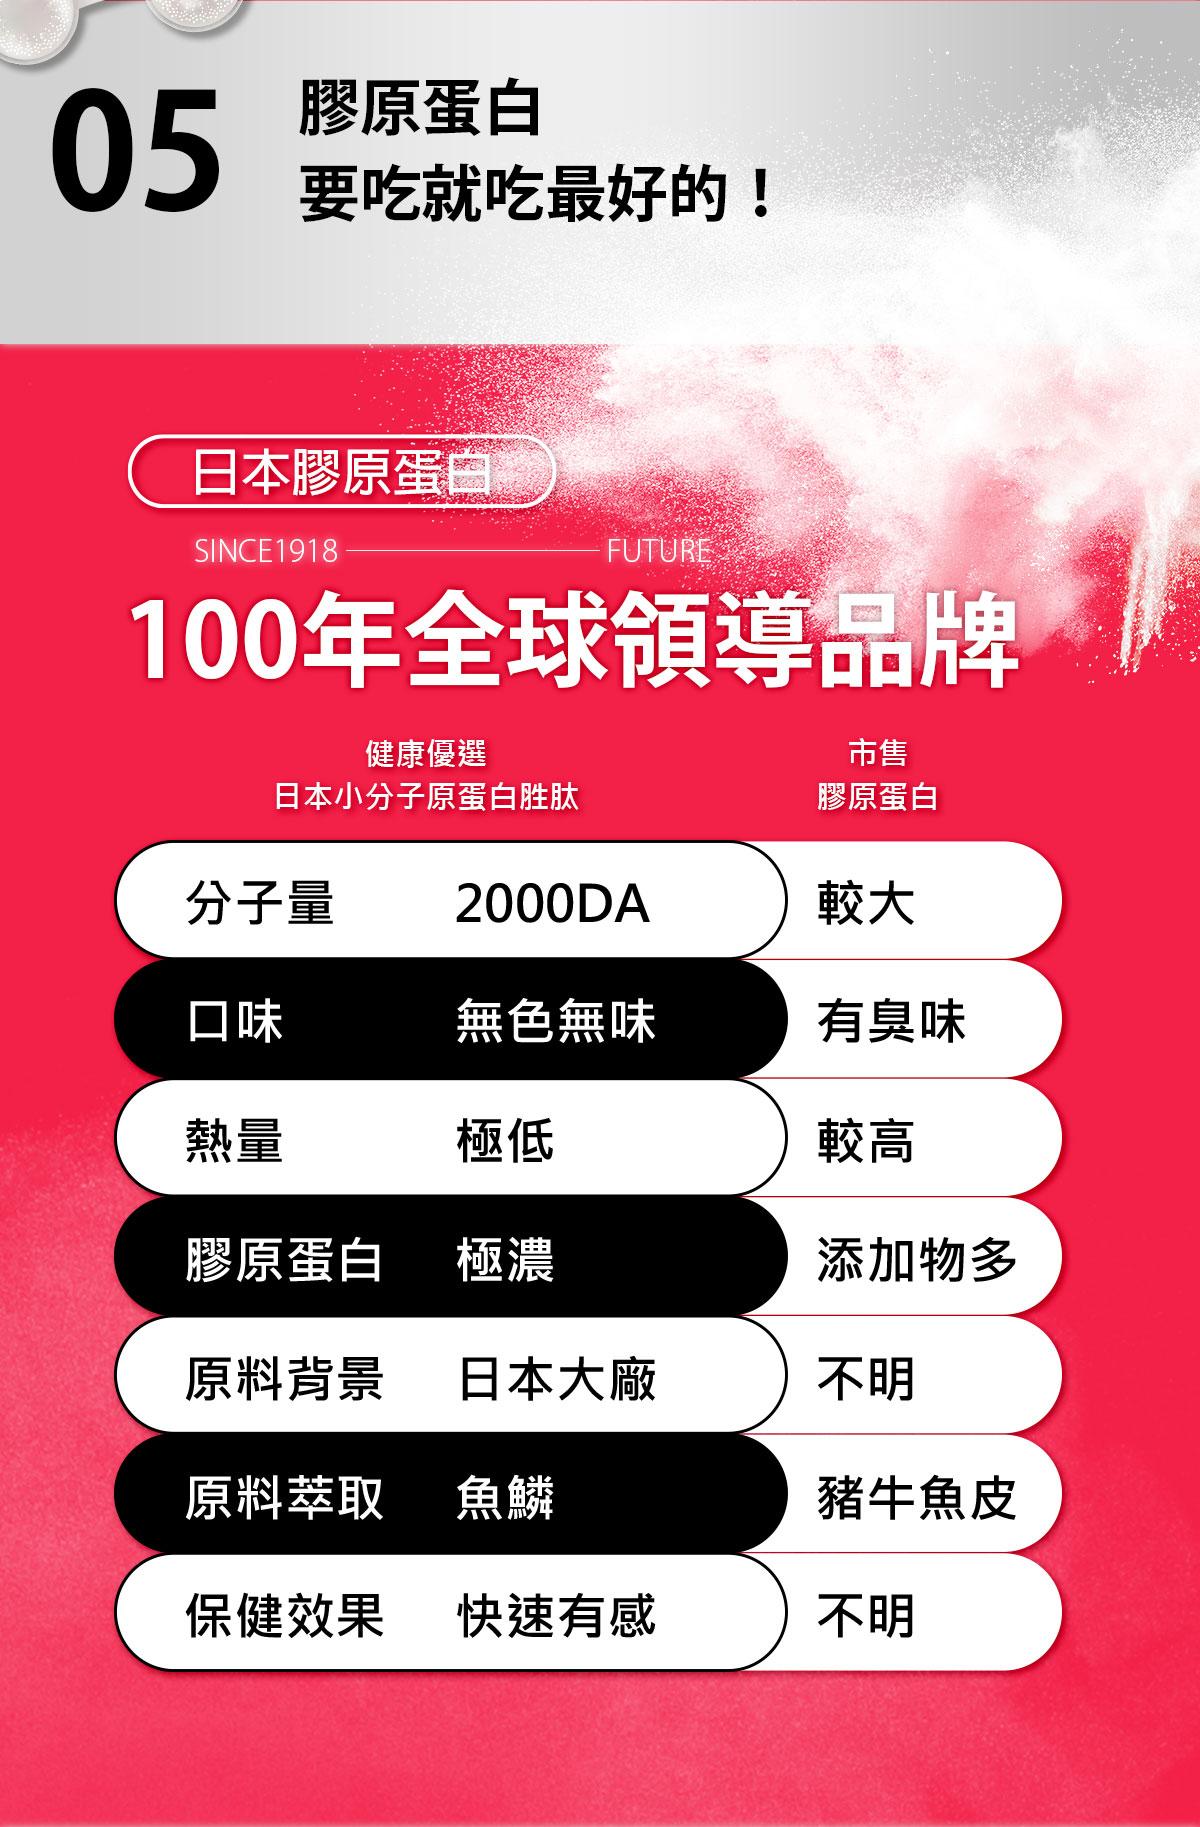 日本膠原蛋白+西印度櫻桃C-超越市售膠原蛋白-0800-800-924